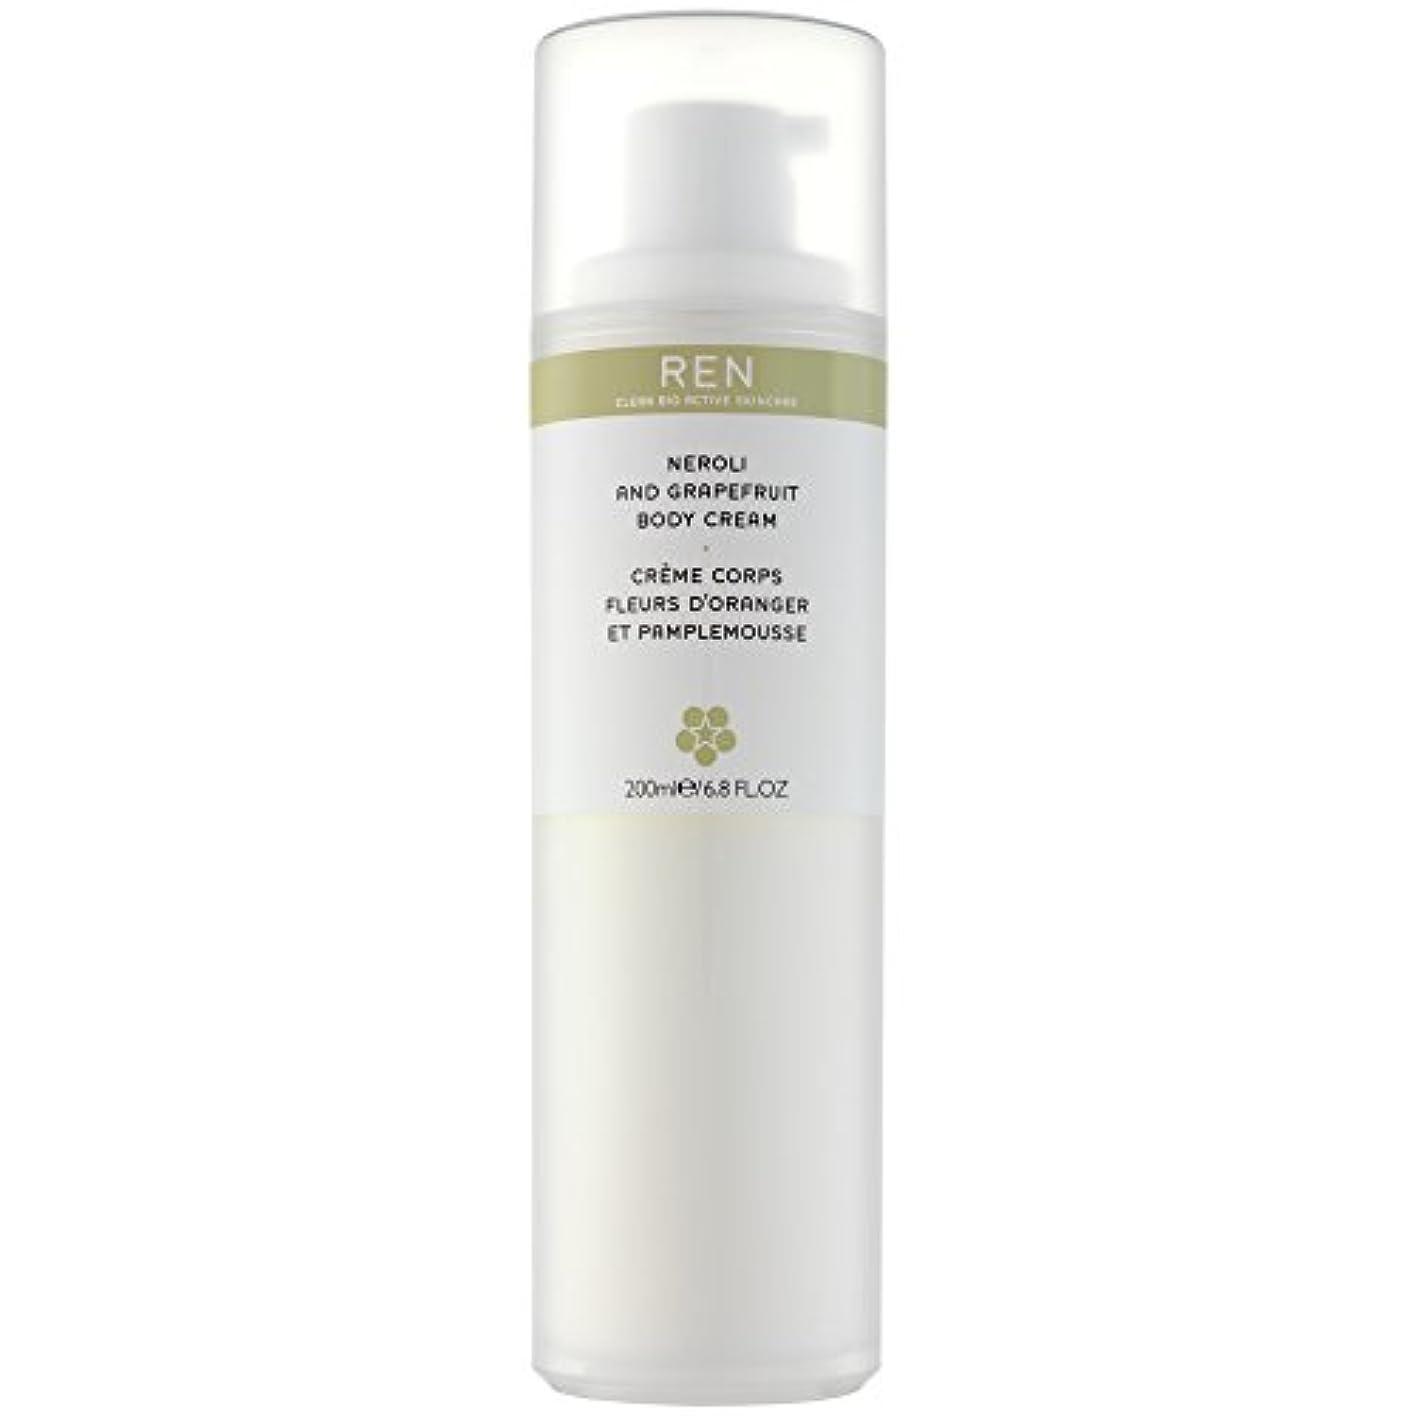 粘性の団結する自治的Renネロリとグレープフルーツボディクリーム200ミリリットル (REN) (x6) - REN Neroli and Grapefruit Body Cream 200ml (Pack of 6) [並行輸入品]